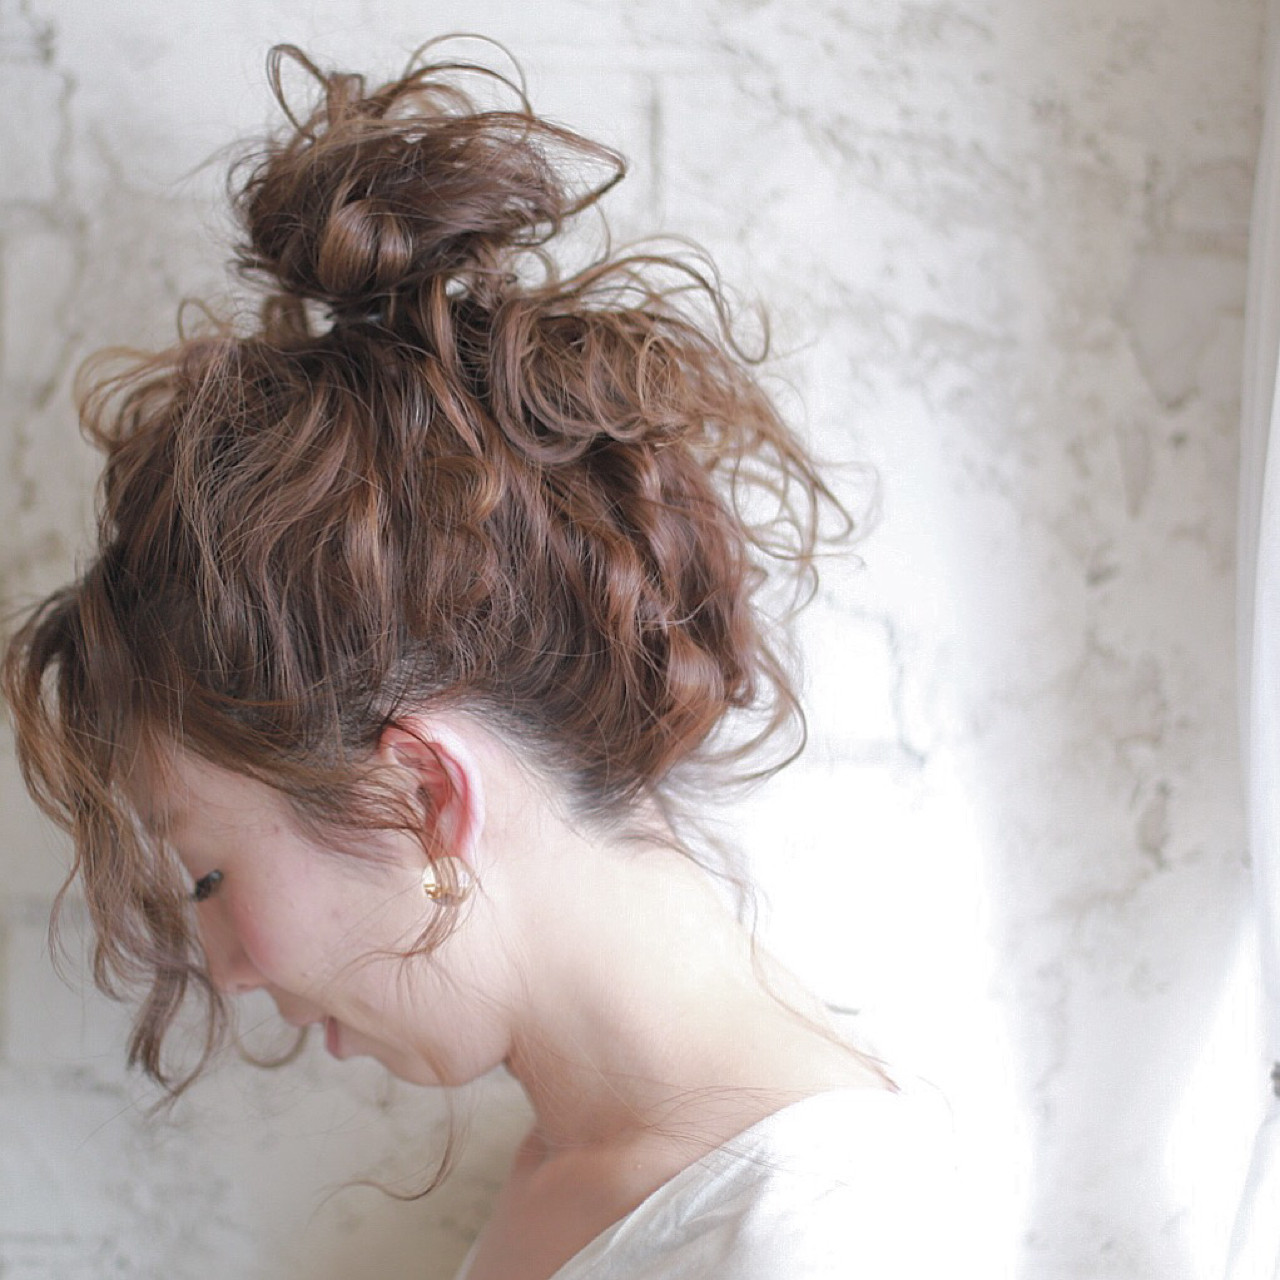 ハーフアップ セミロング ヘアアレンジ 夏 ヘアスタイルや髪型の写真・画像 | 廣田哲也 / nalu hair